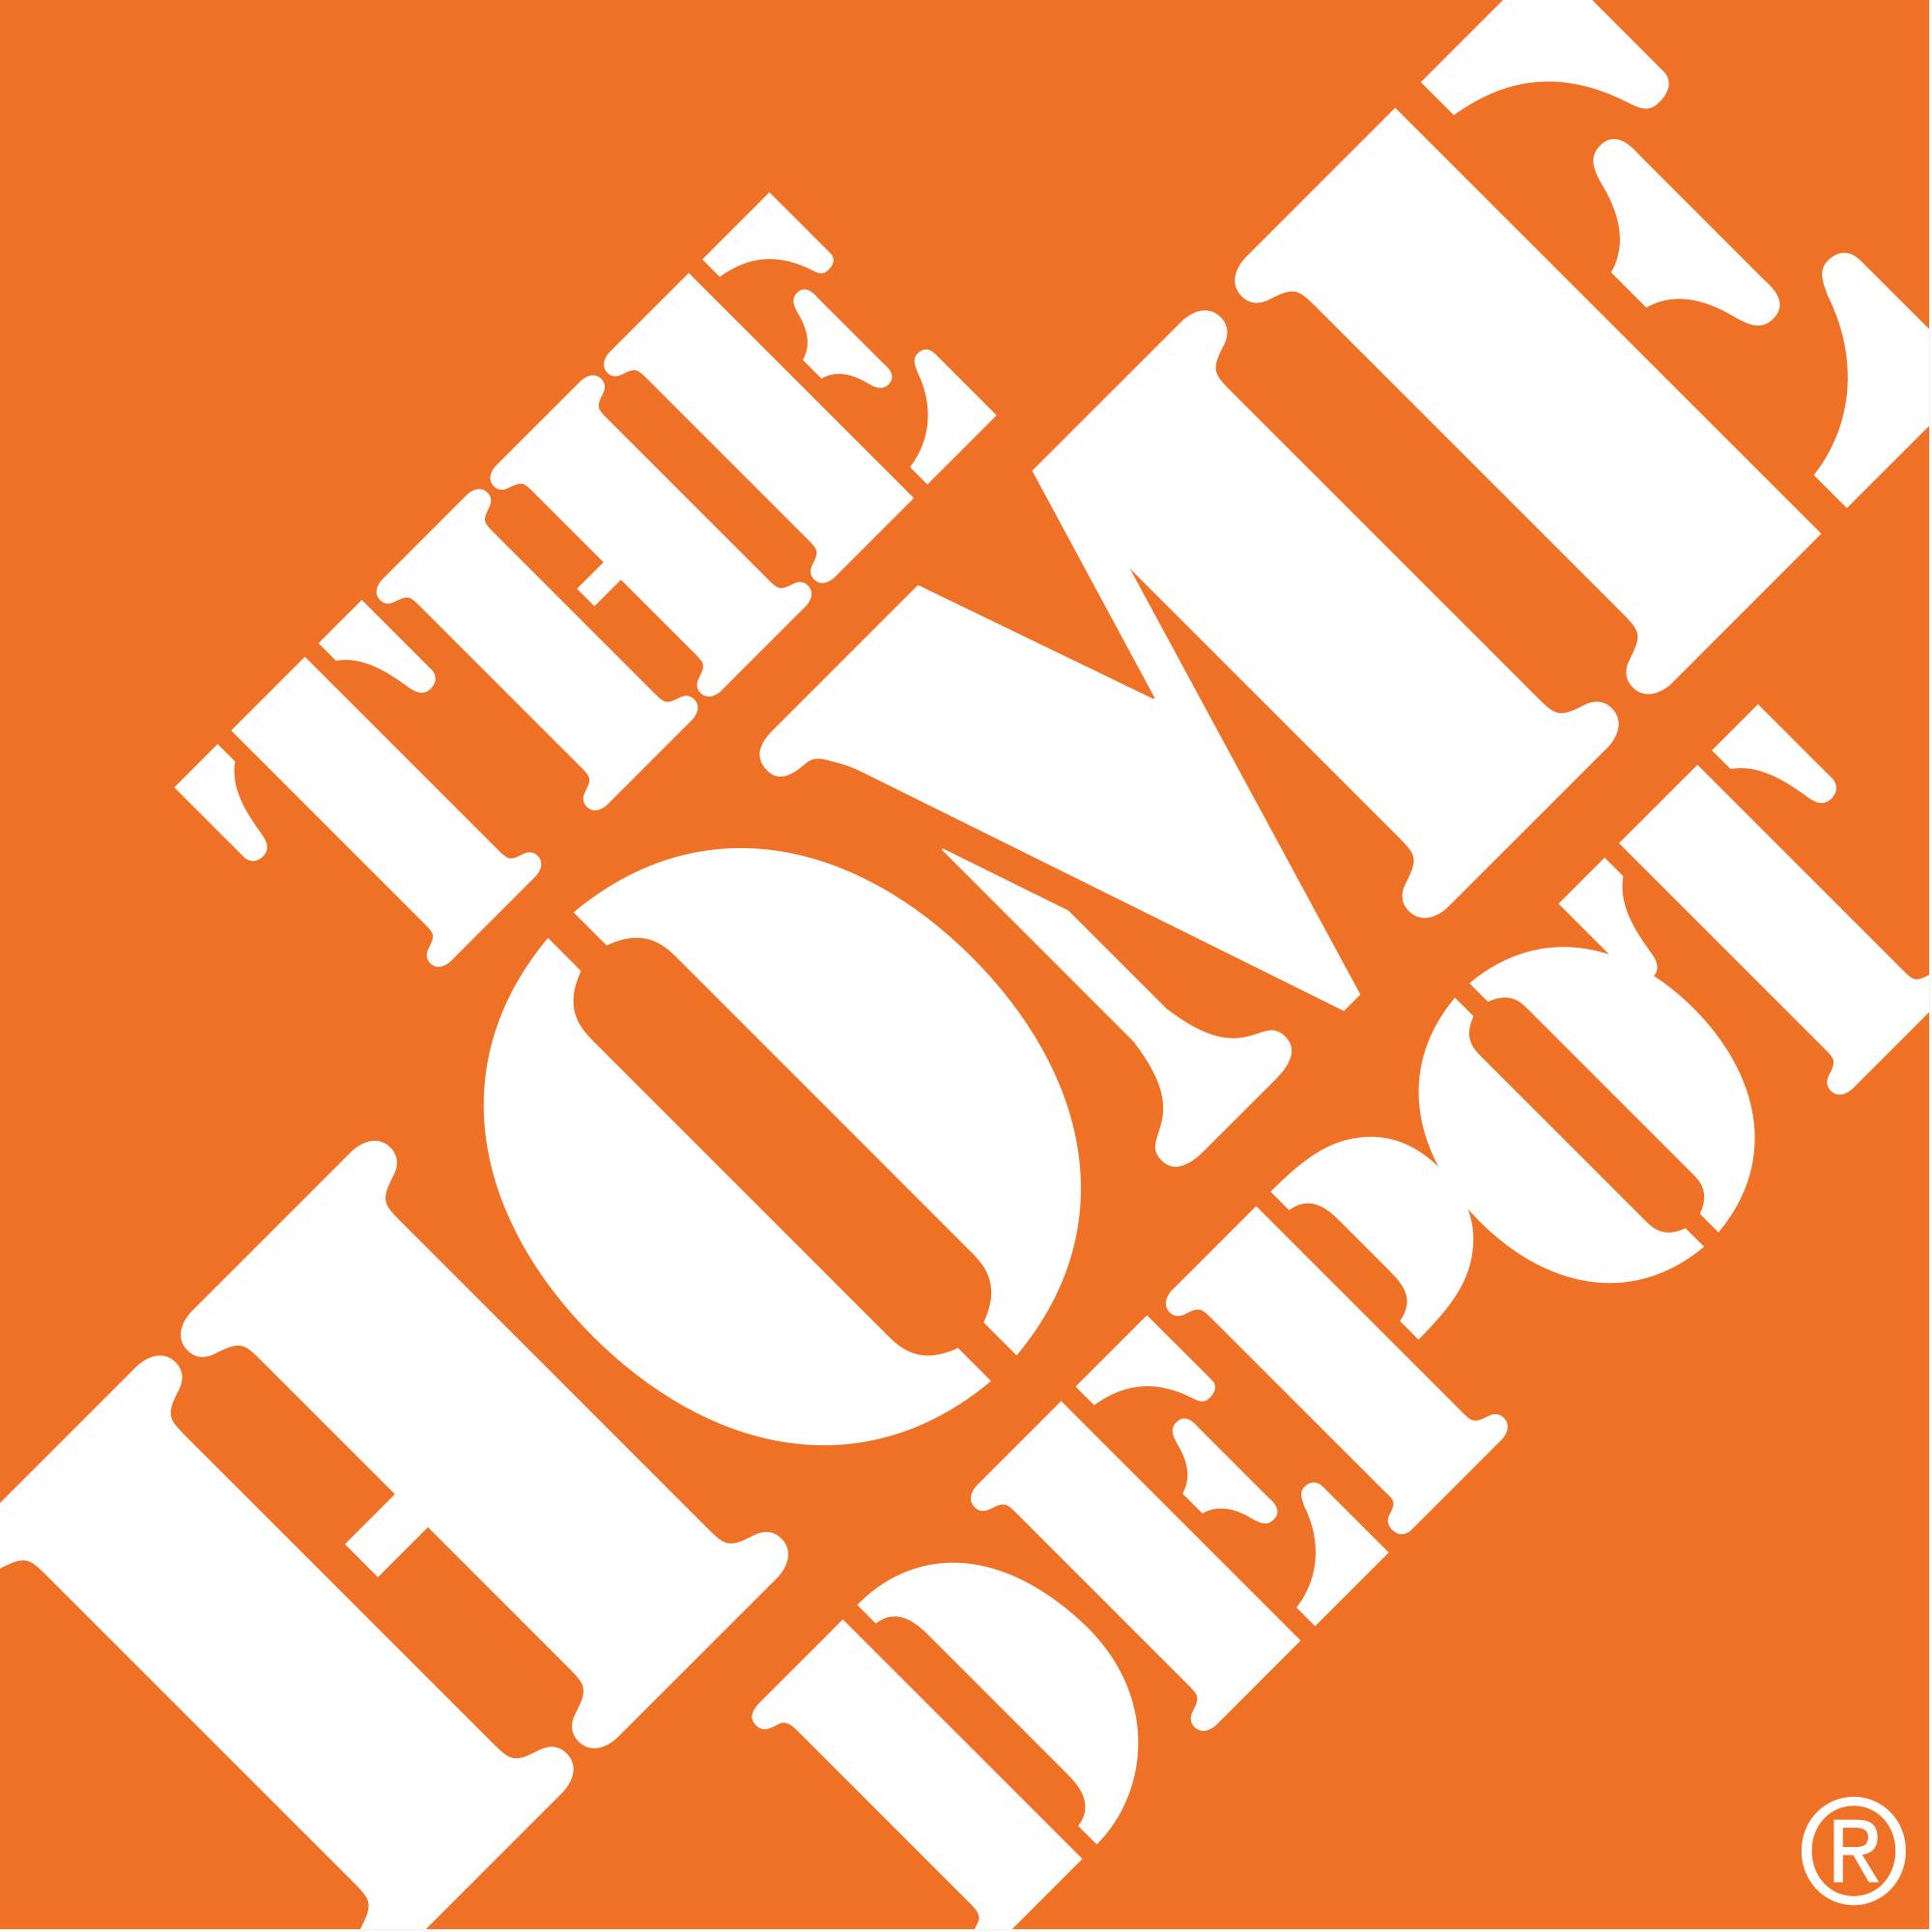 Home Depot en línea: 10% de descuento con MercadoPago